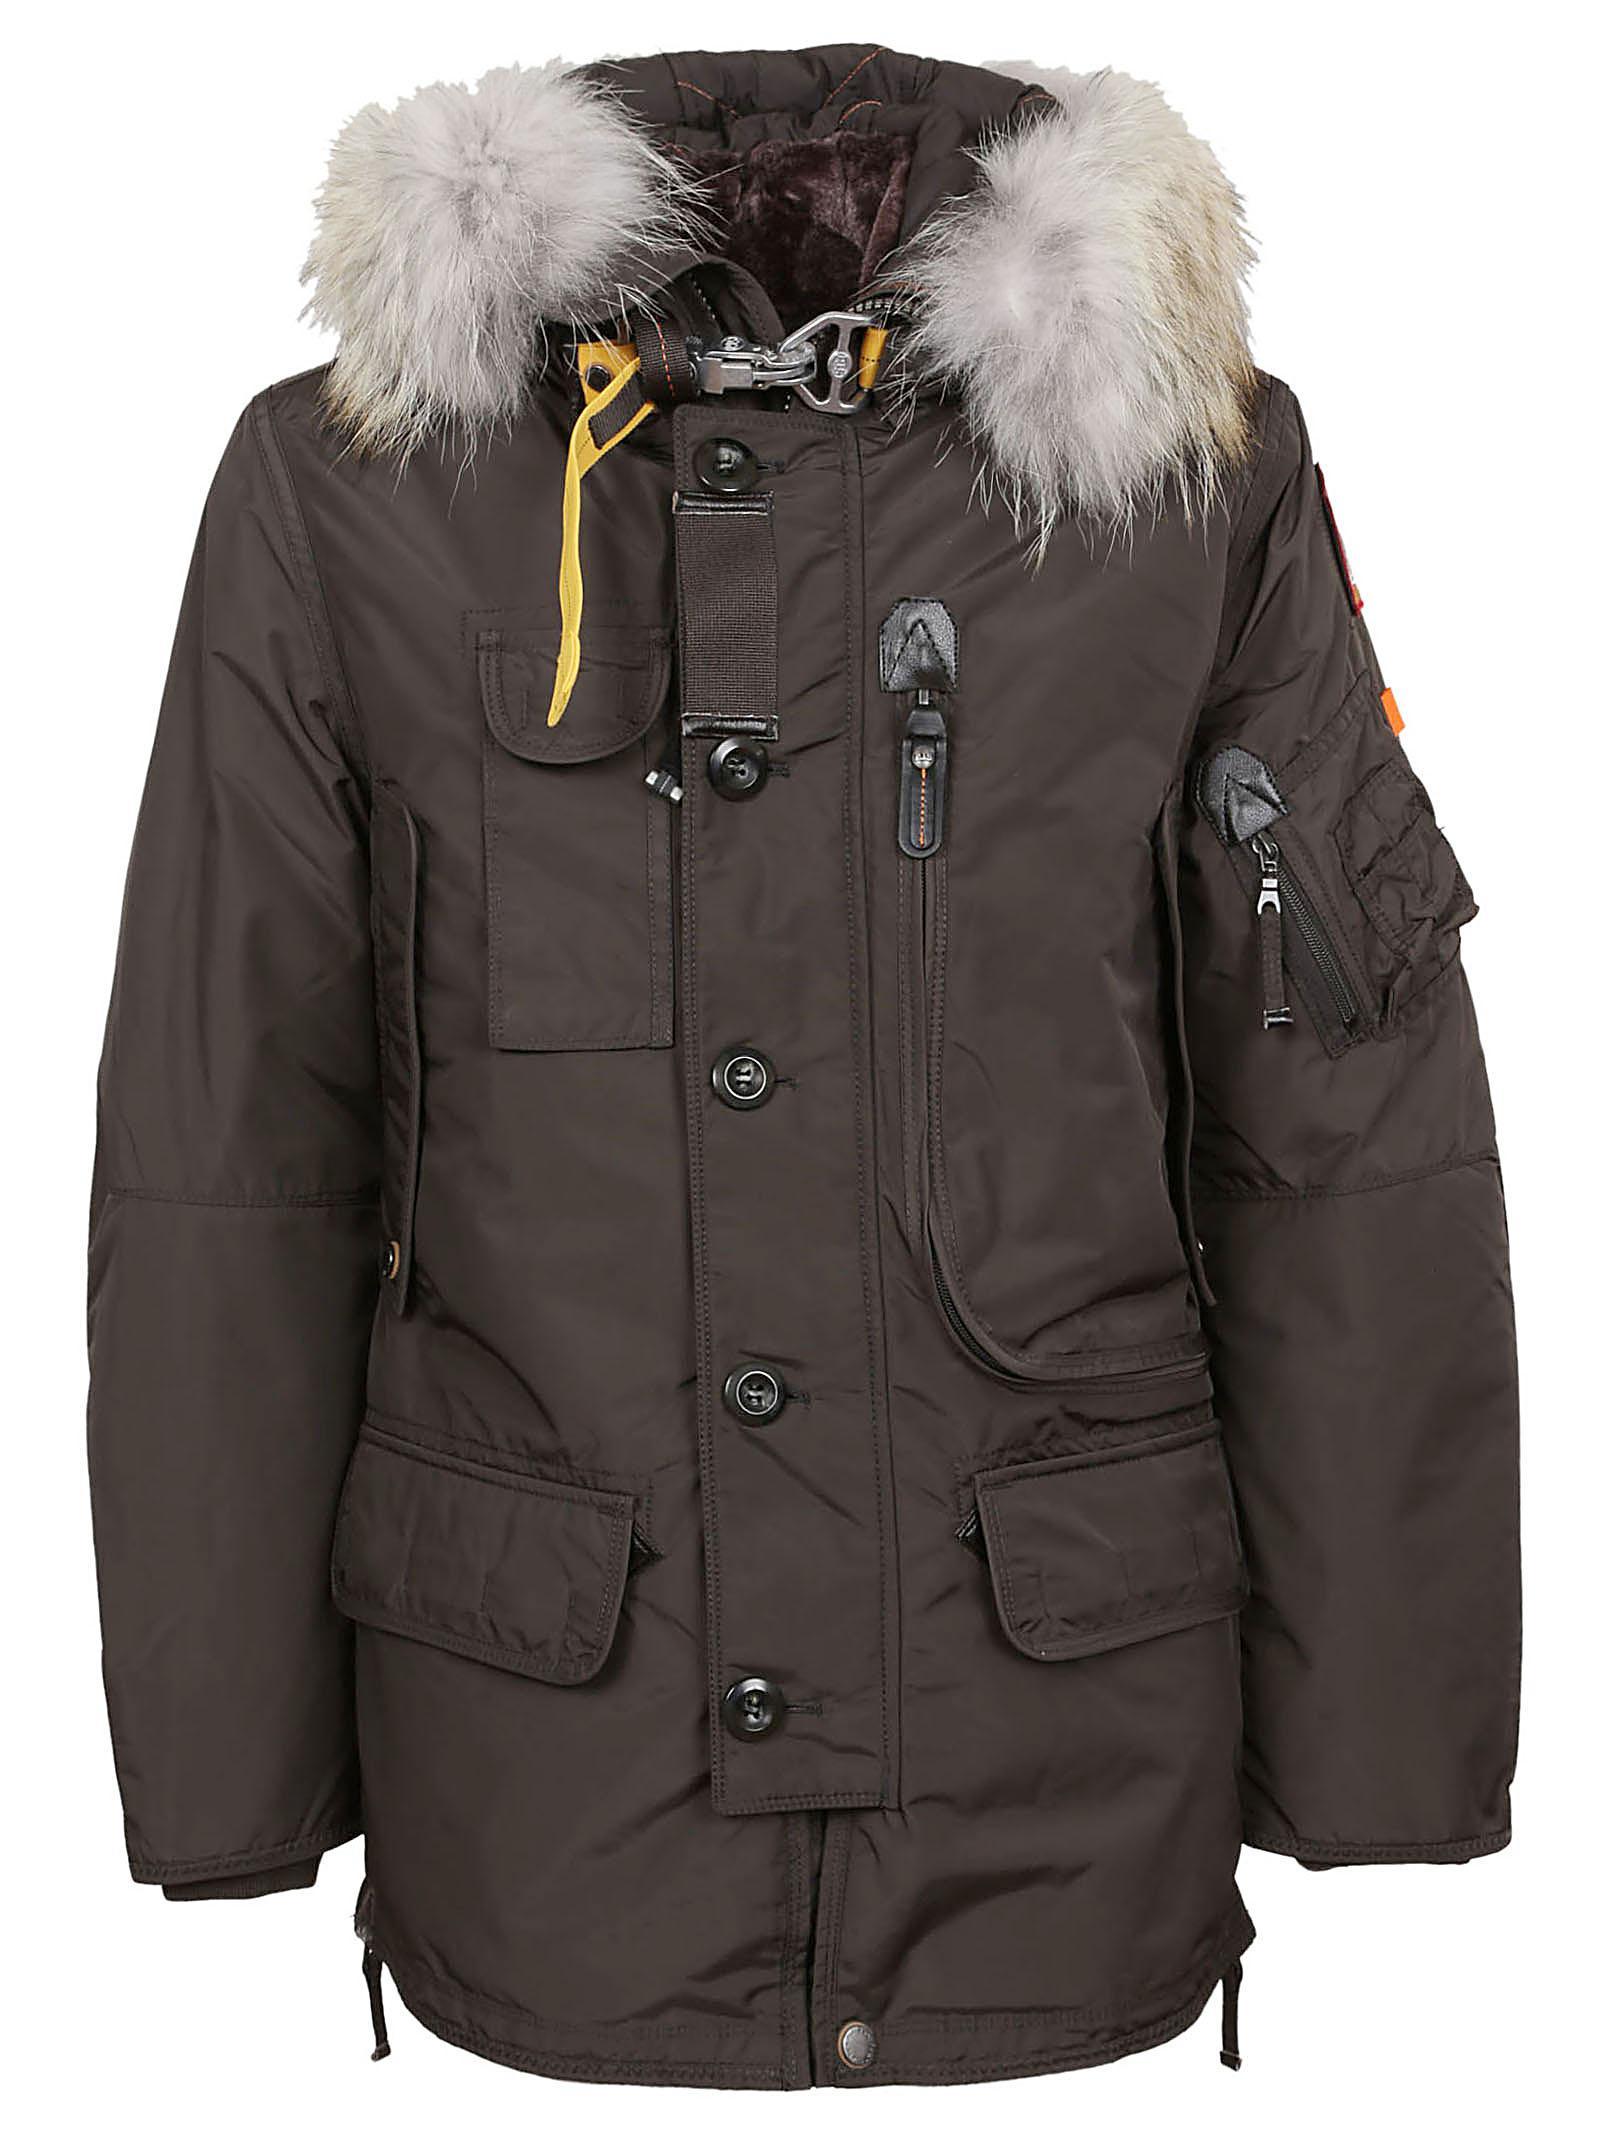 Parajumpers. Men's Kodiak Man Jacket